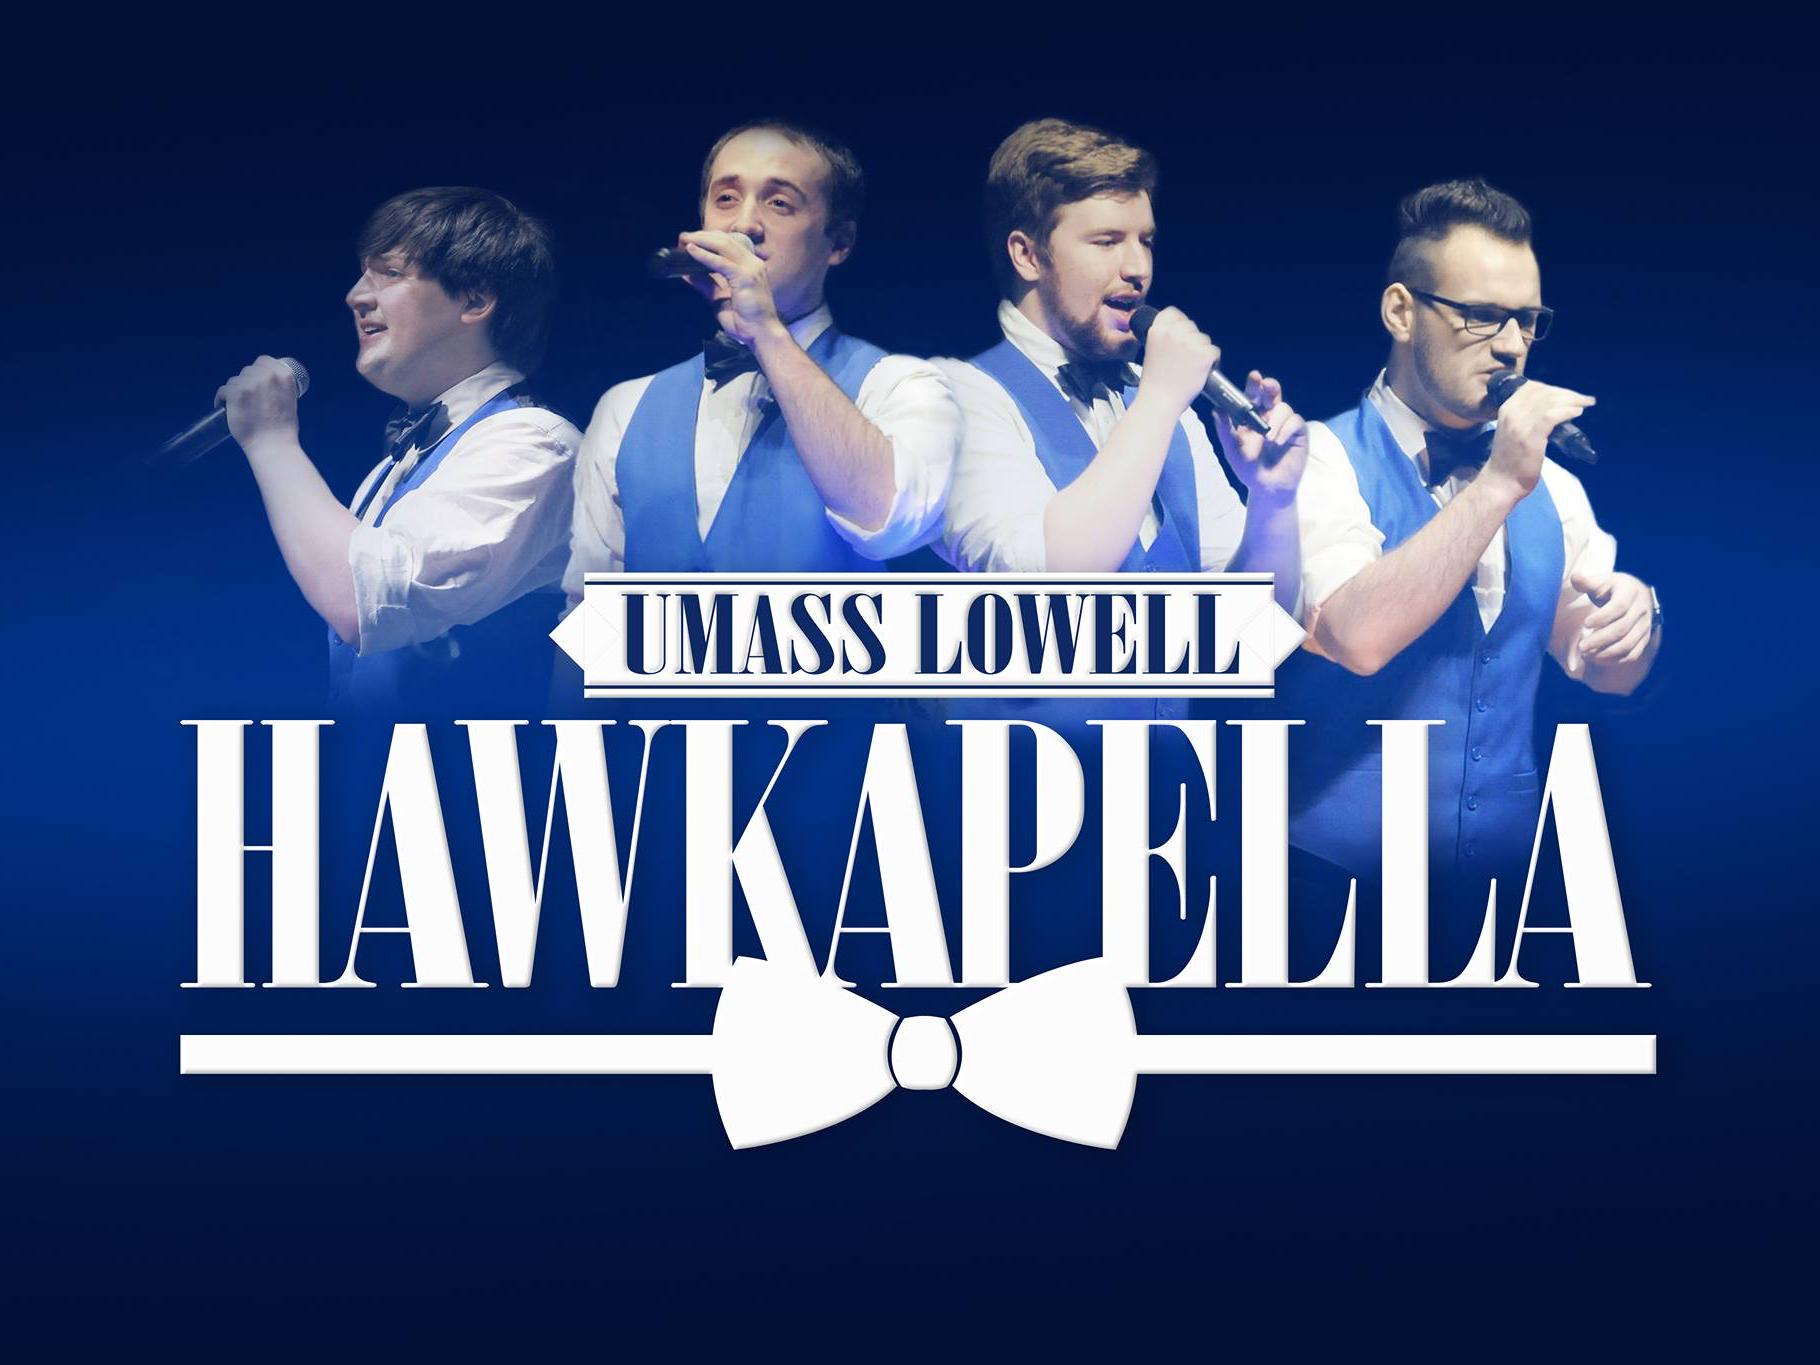 UMass Lowell Hawkapella